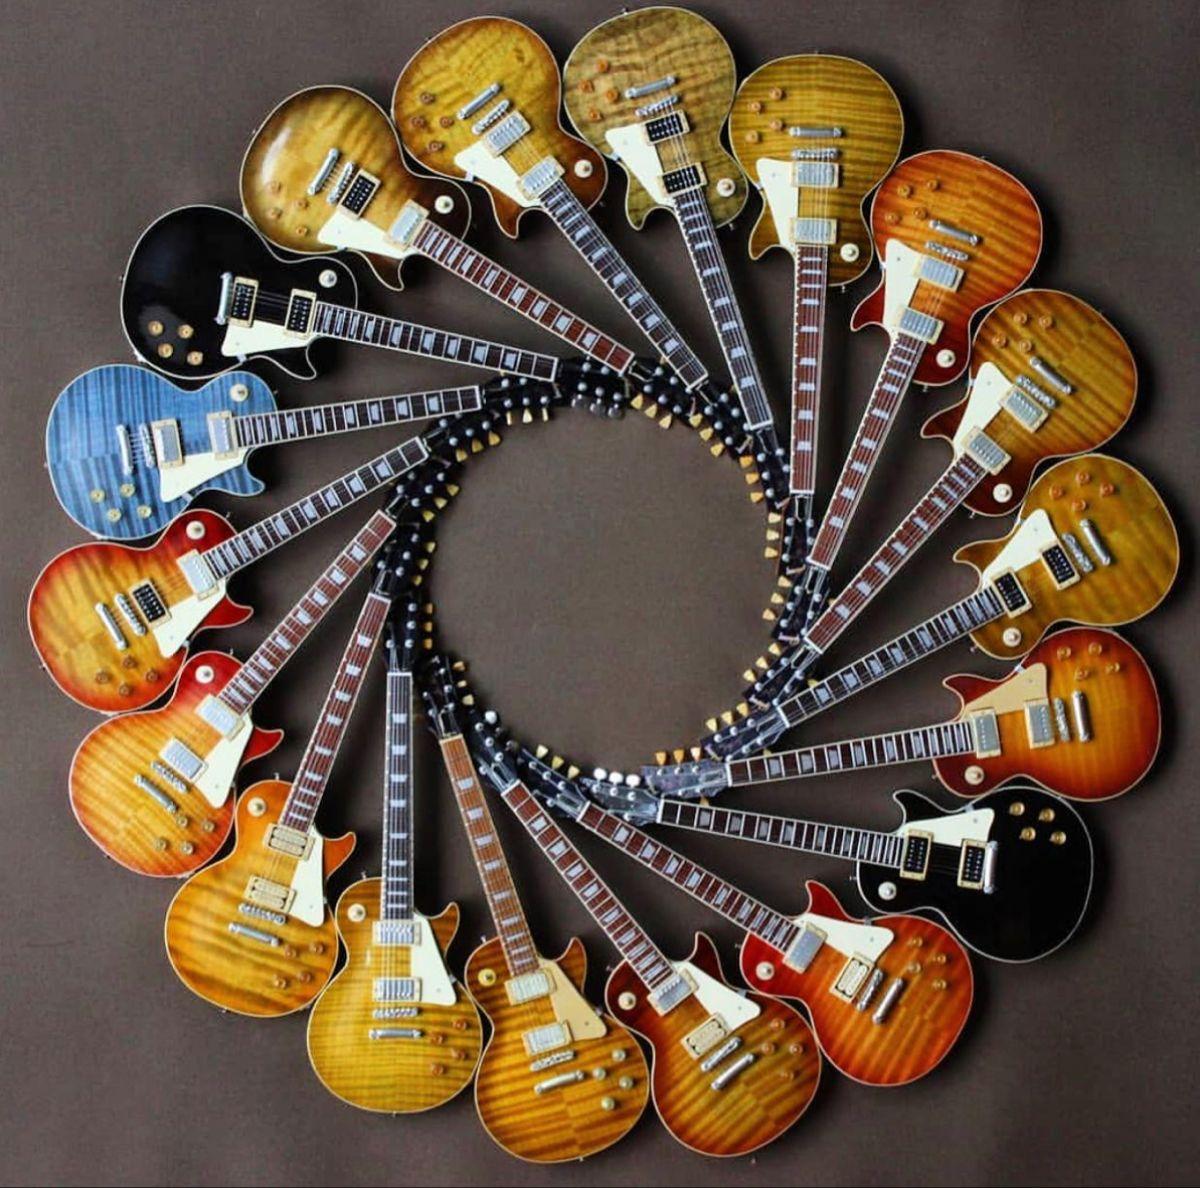 Les Paul Circle Of Life Les Paul Guitars Gibson Guitars Beautiful Guitars